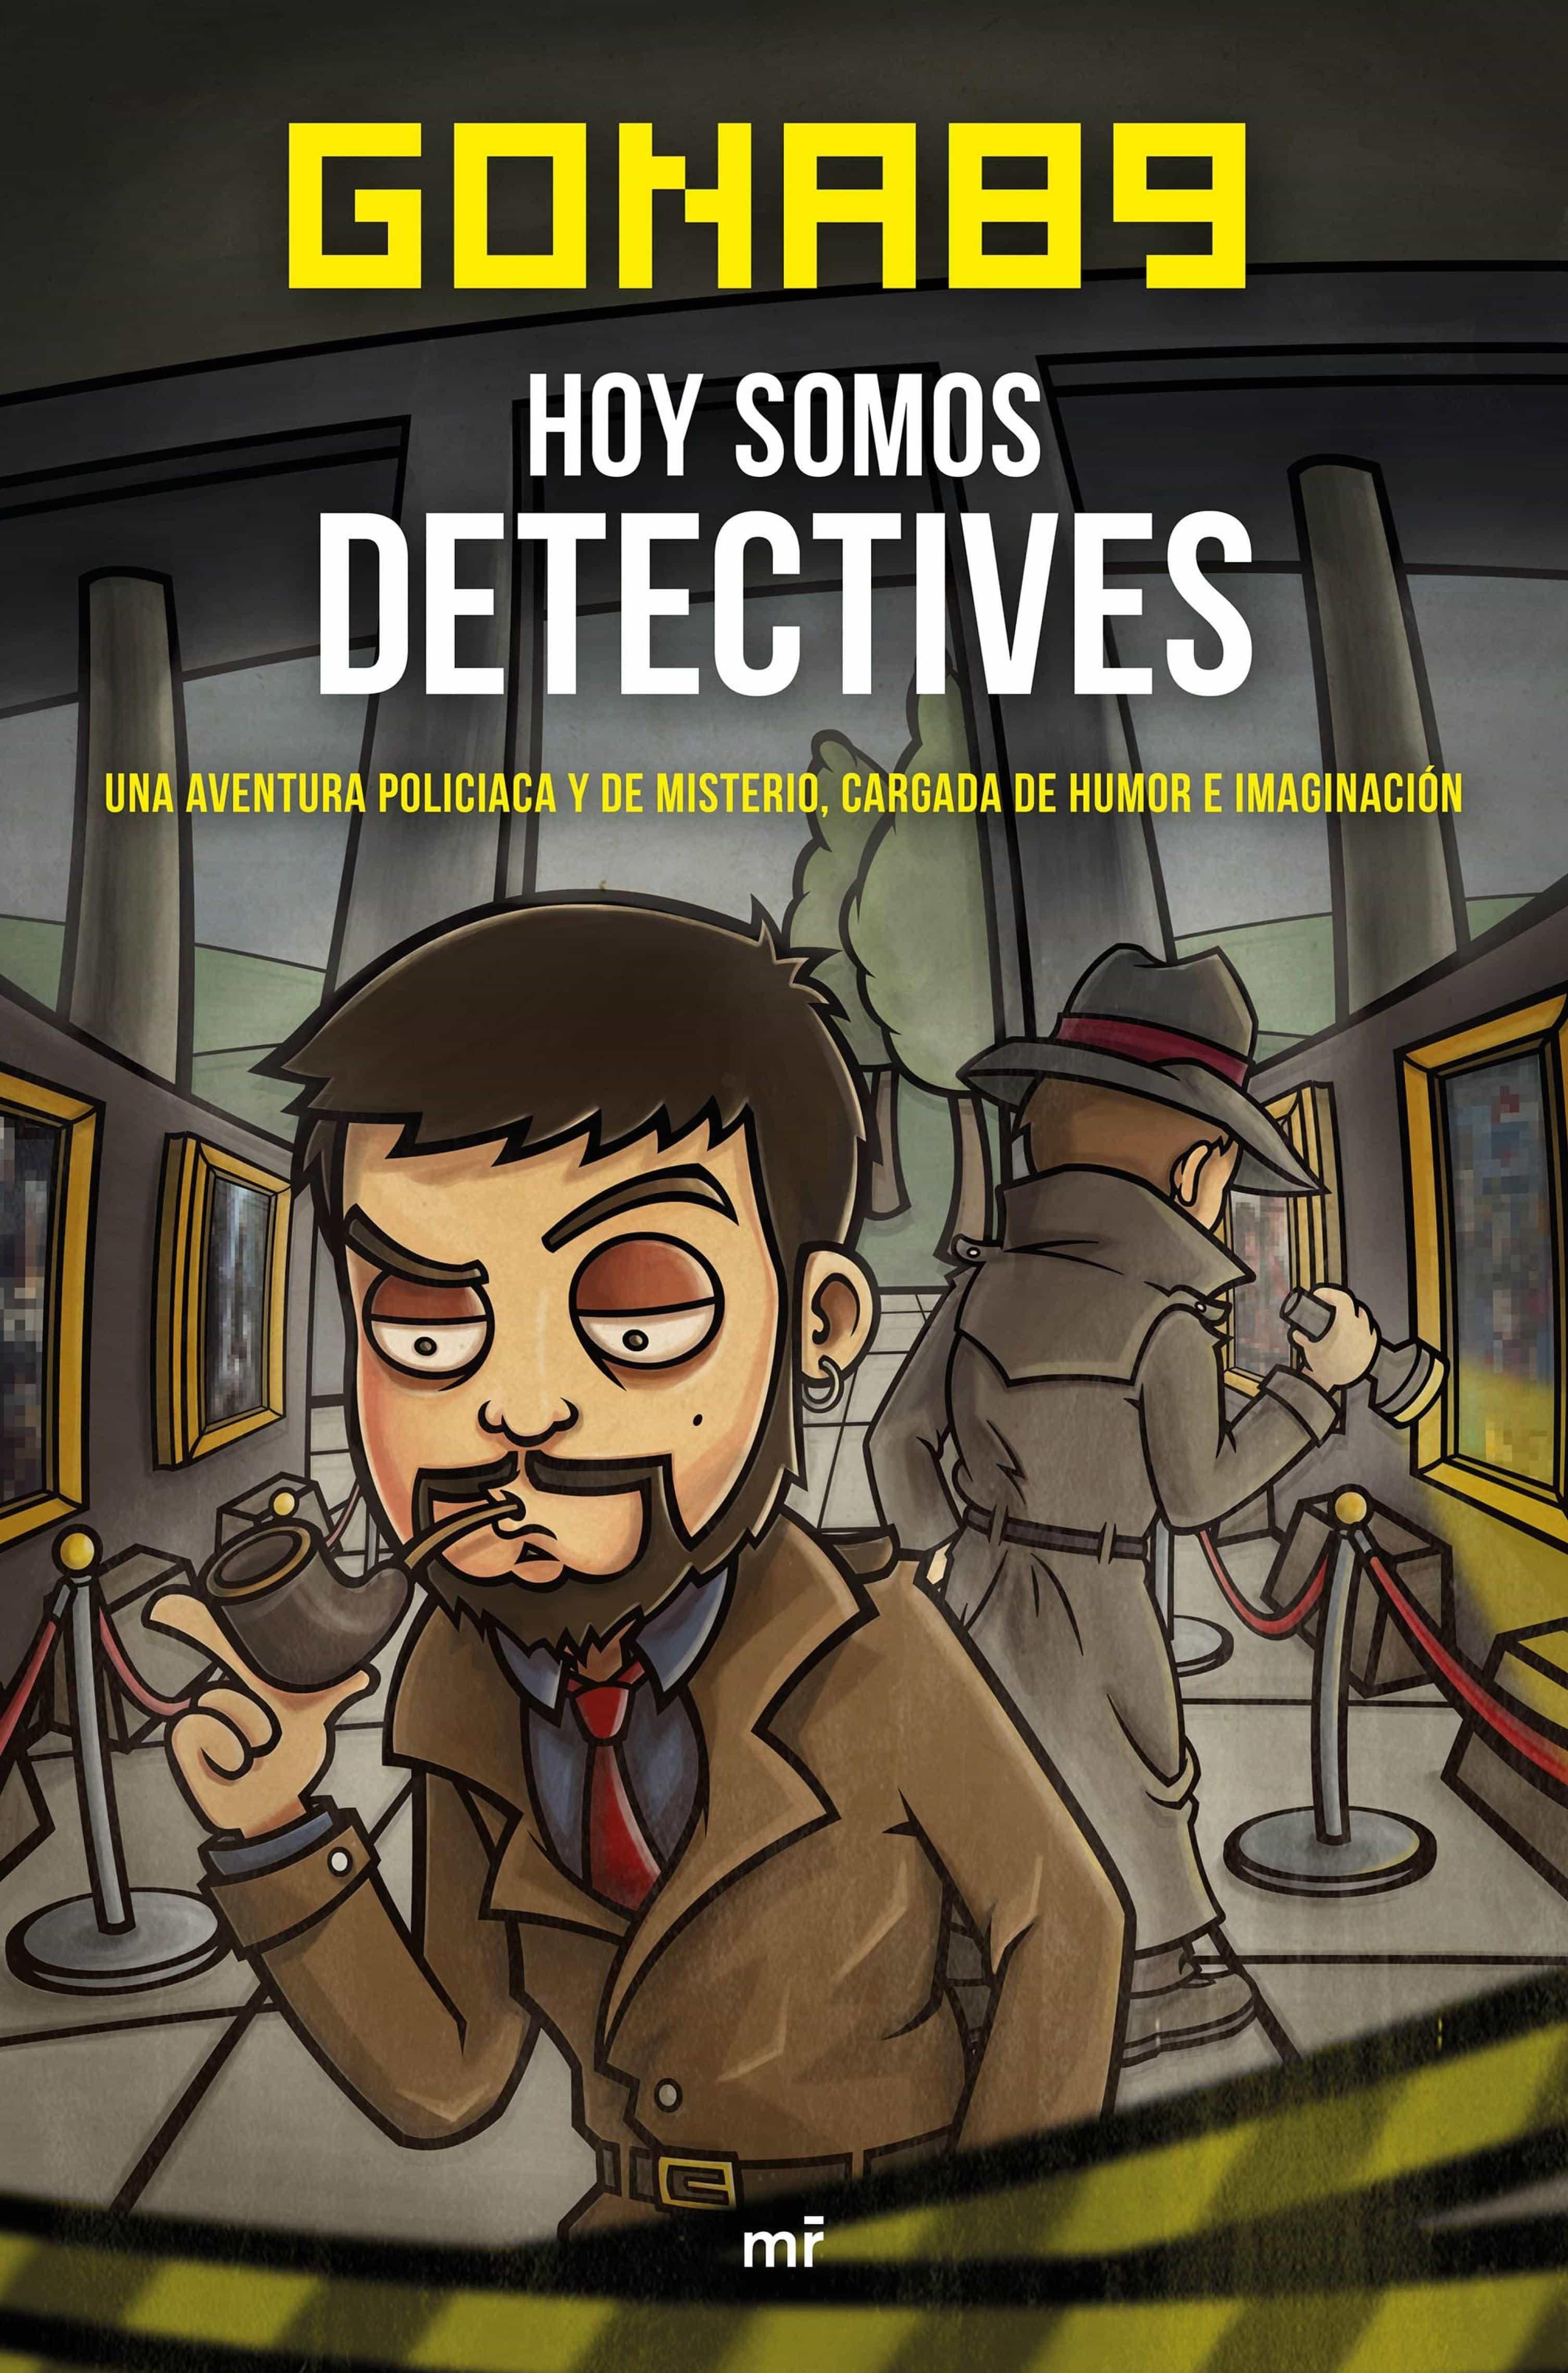 Hoy Somos Detectives   por Gona89